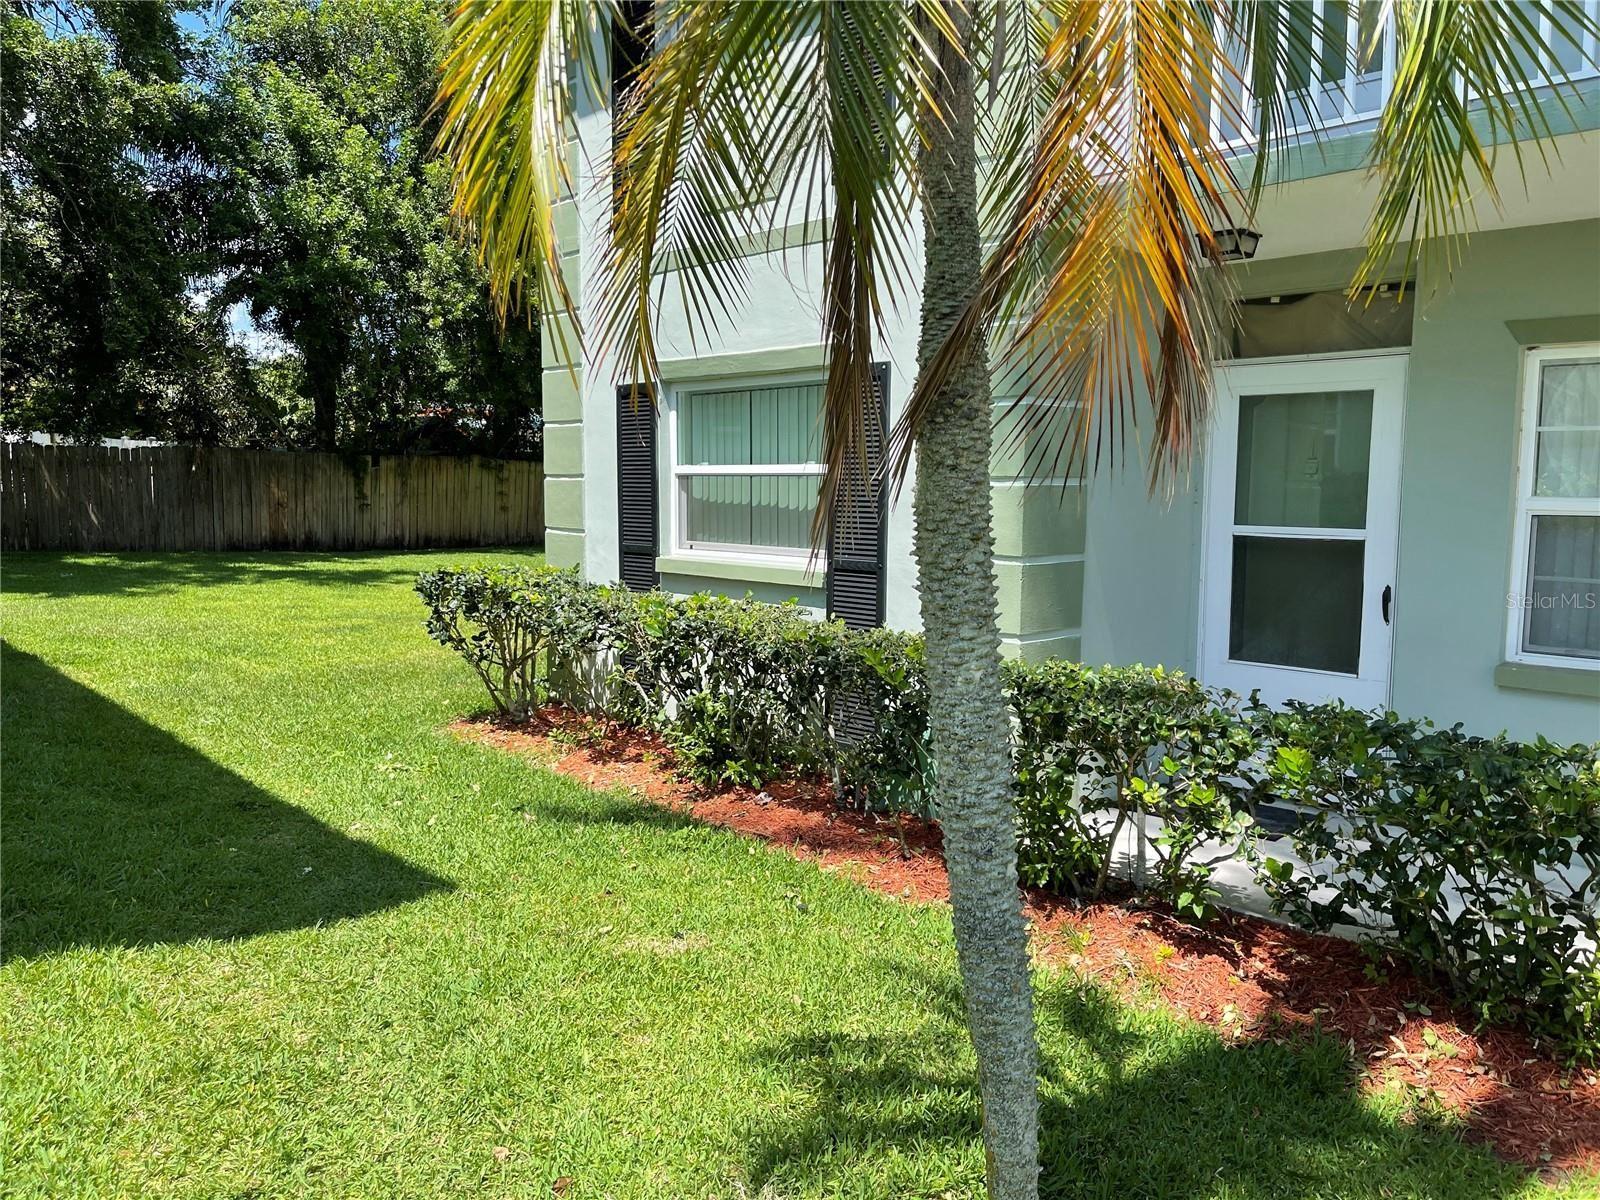 1433 S BELCHER ROAD #F1, Clearwater, FL 33764 - #: U8136802